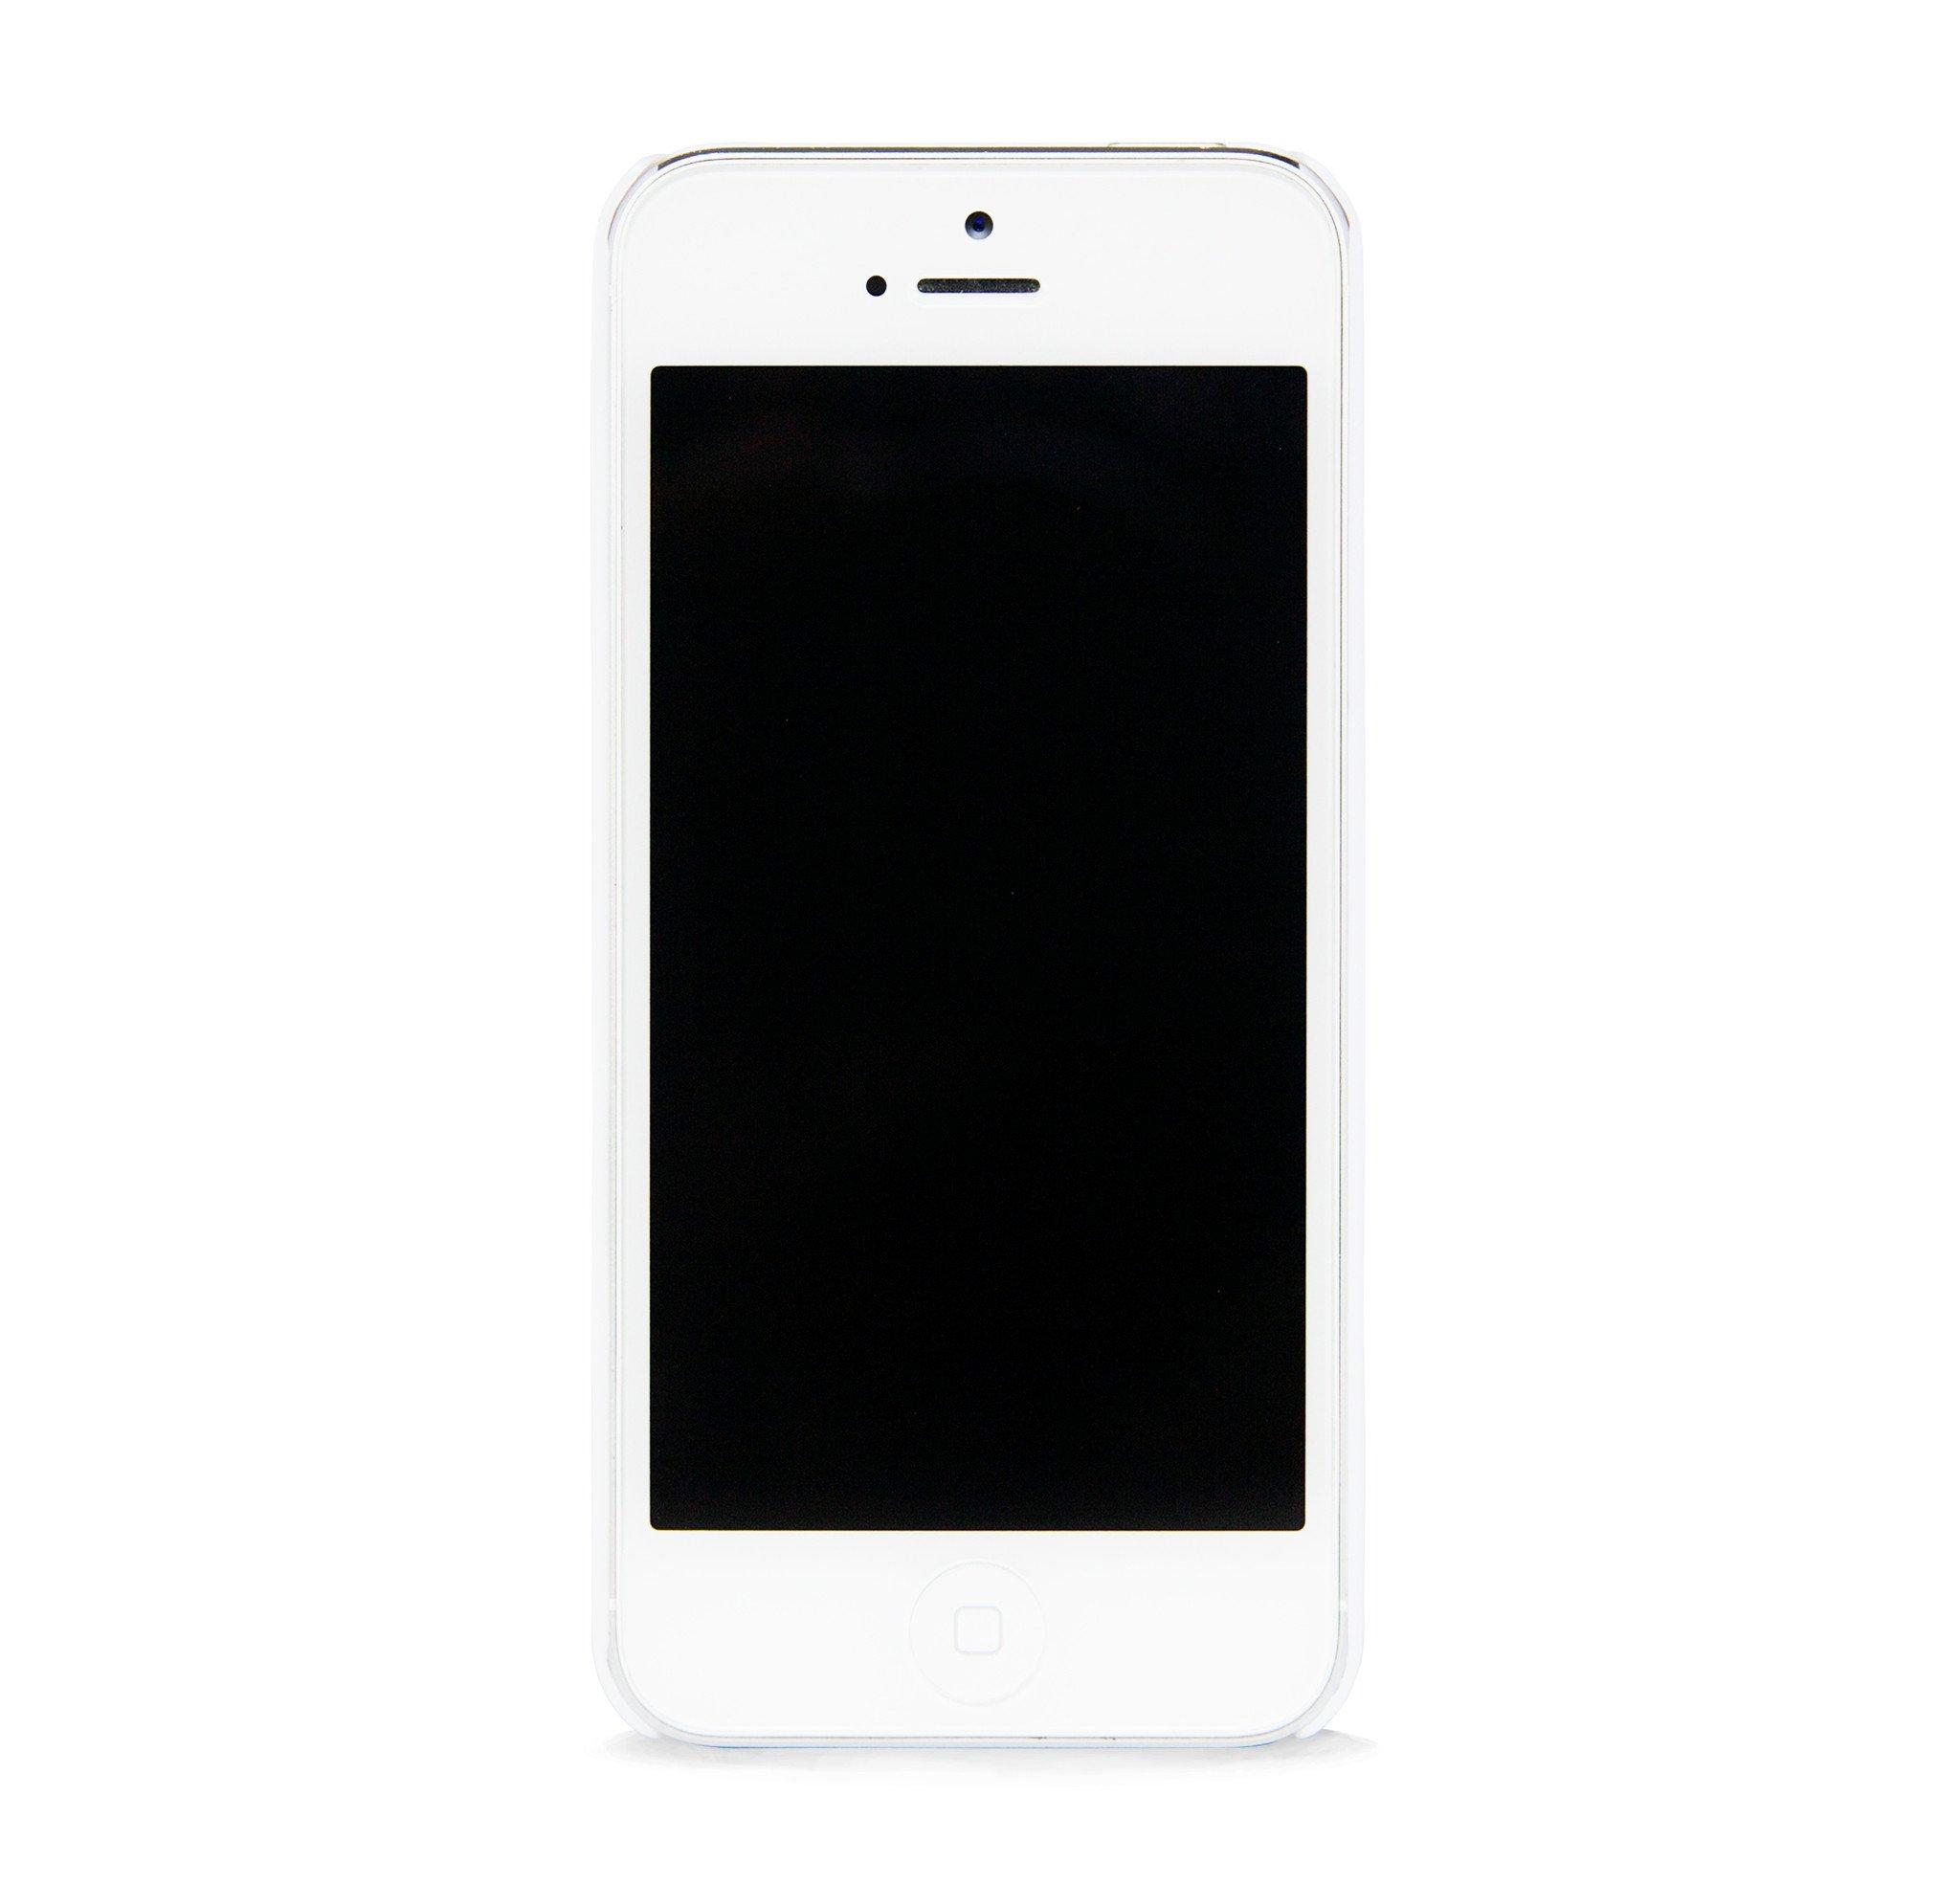 AZTEC ON WOOD WHITE IPHONE 5/5S CASE | BlissfulCASENY